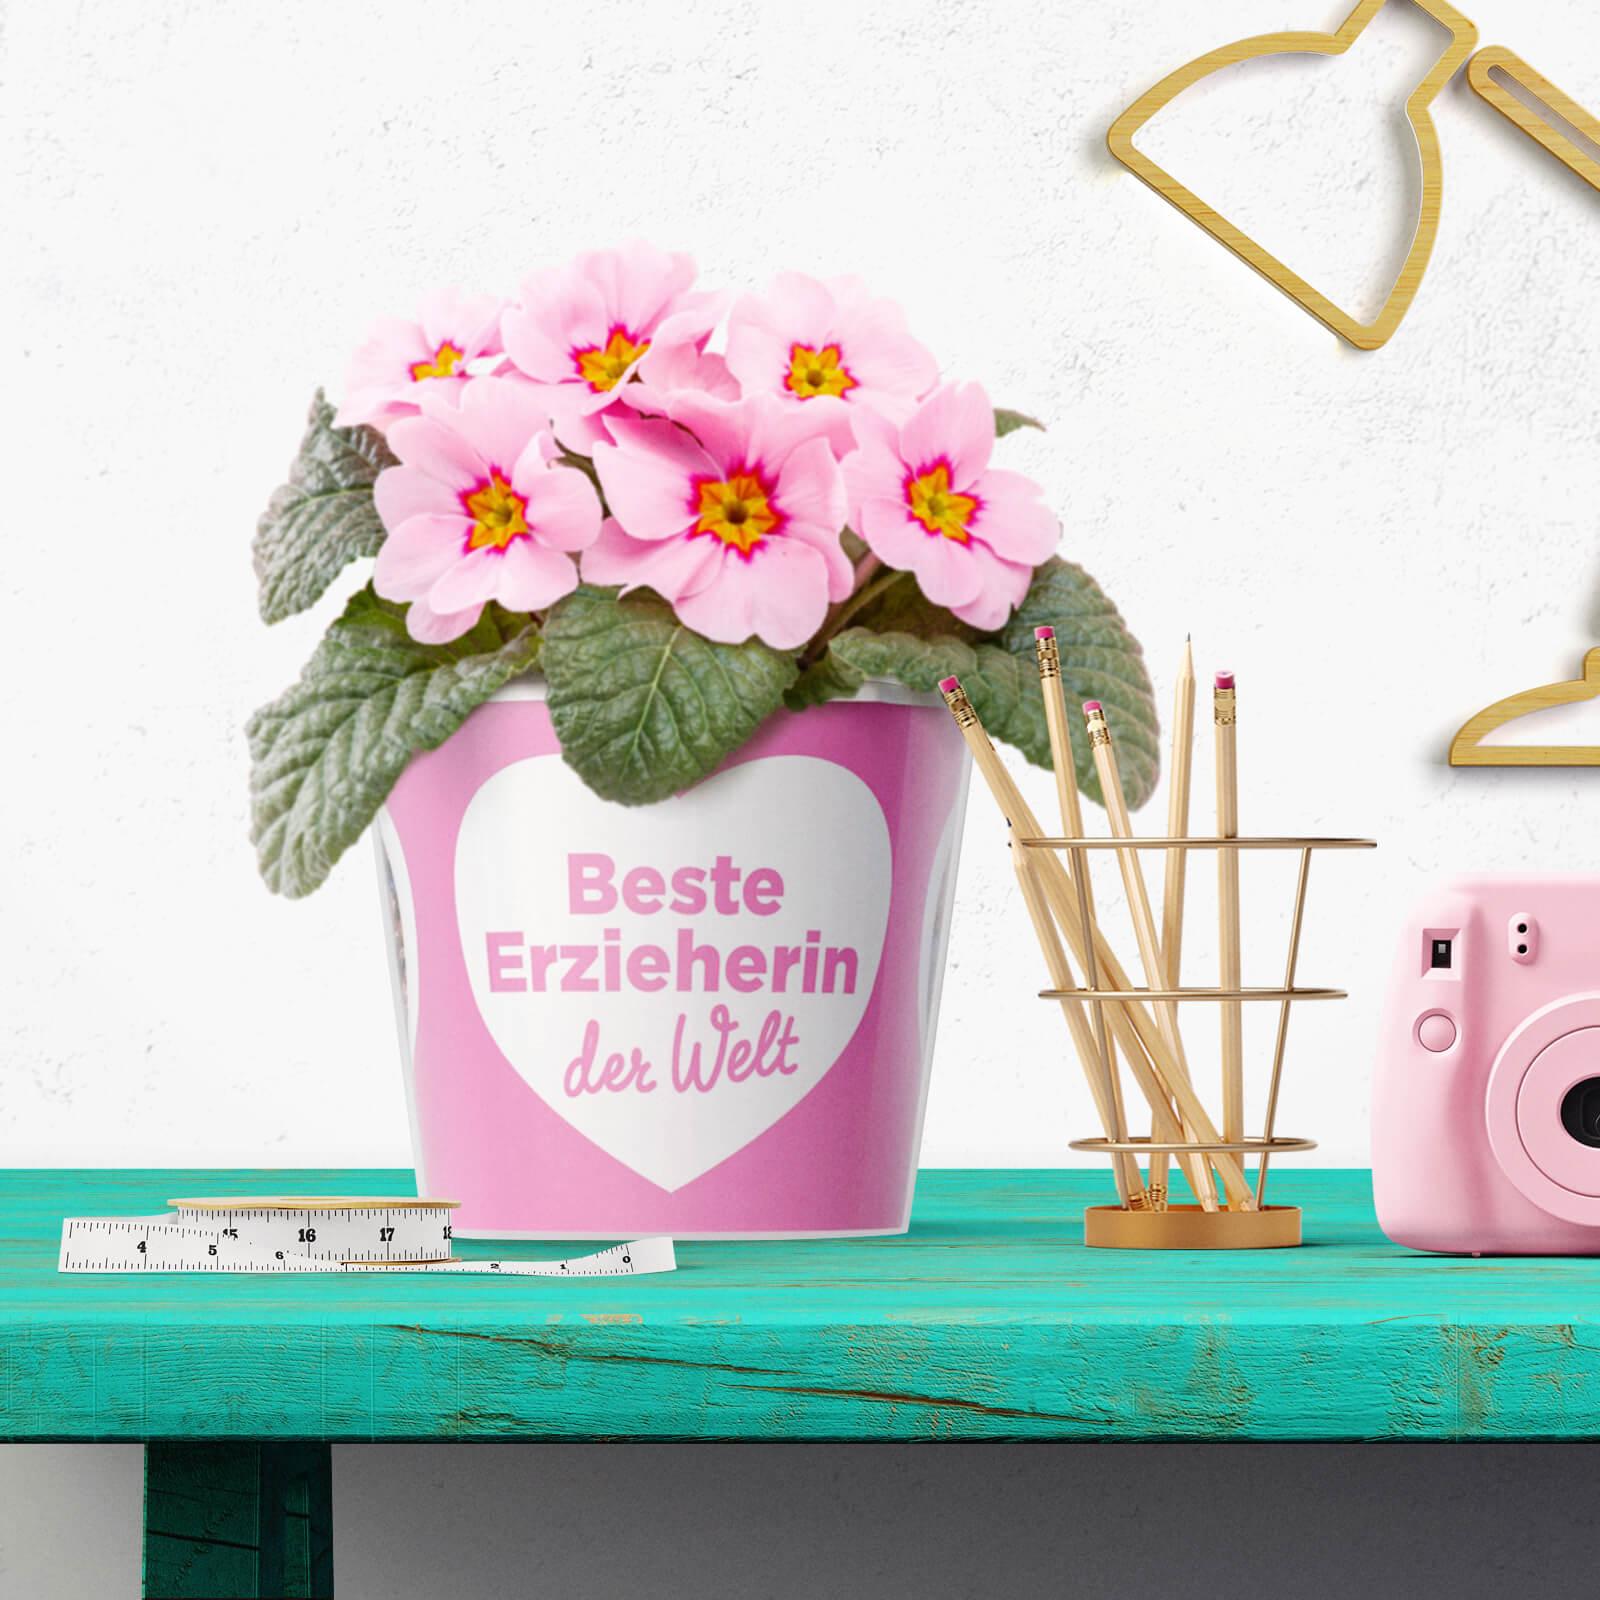 geschenk f r erzieherin was schenken zum abschied myfacepot. Black Bedroom Furniture Sets. Home Design Ideas